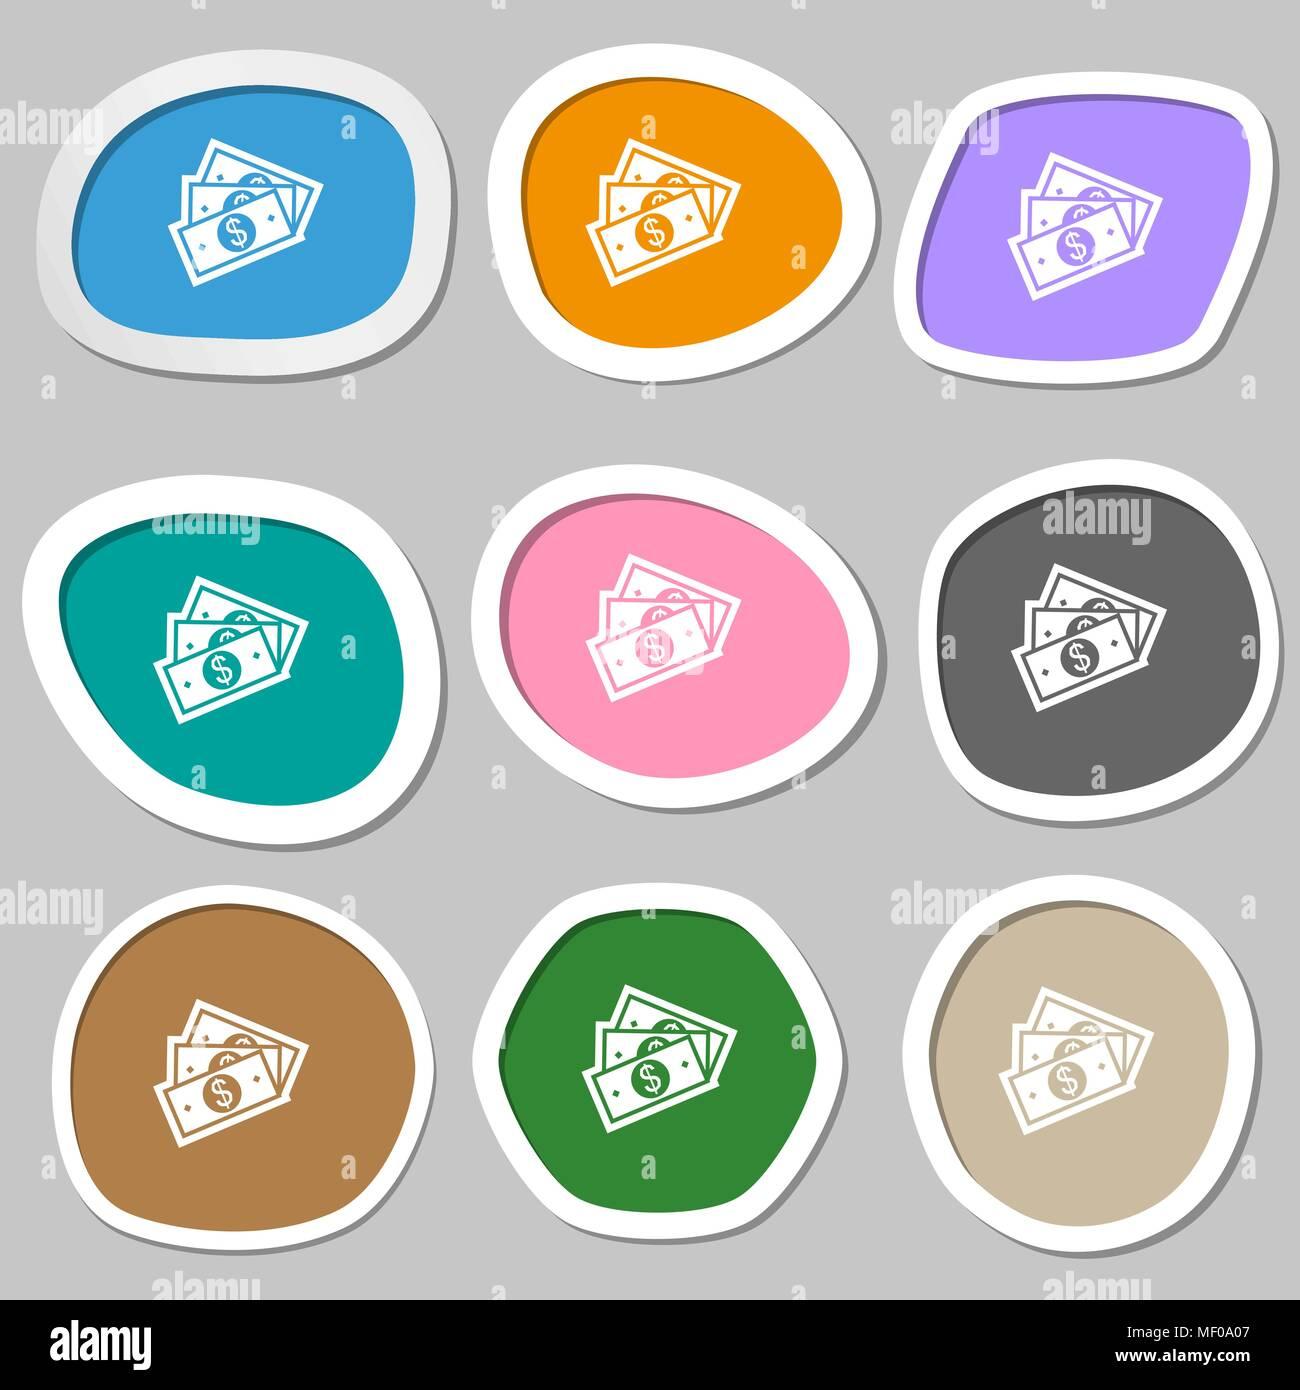 U.s dollar icon symbols. Multicolored paper stickers. Vector illustration - Stock Vector